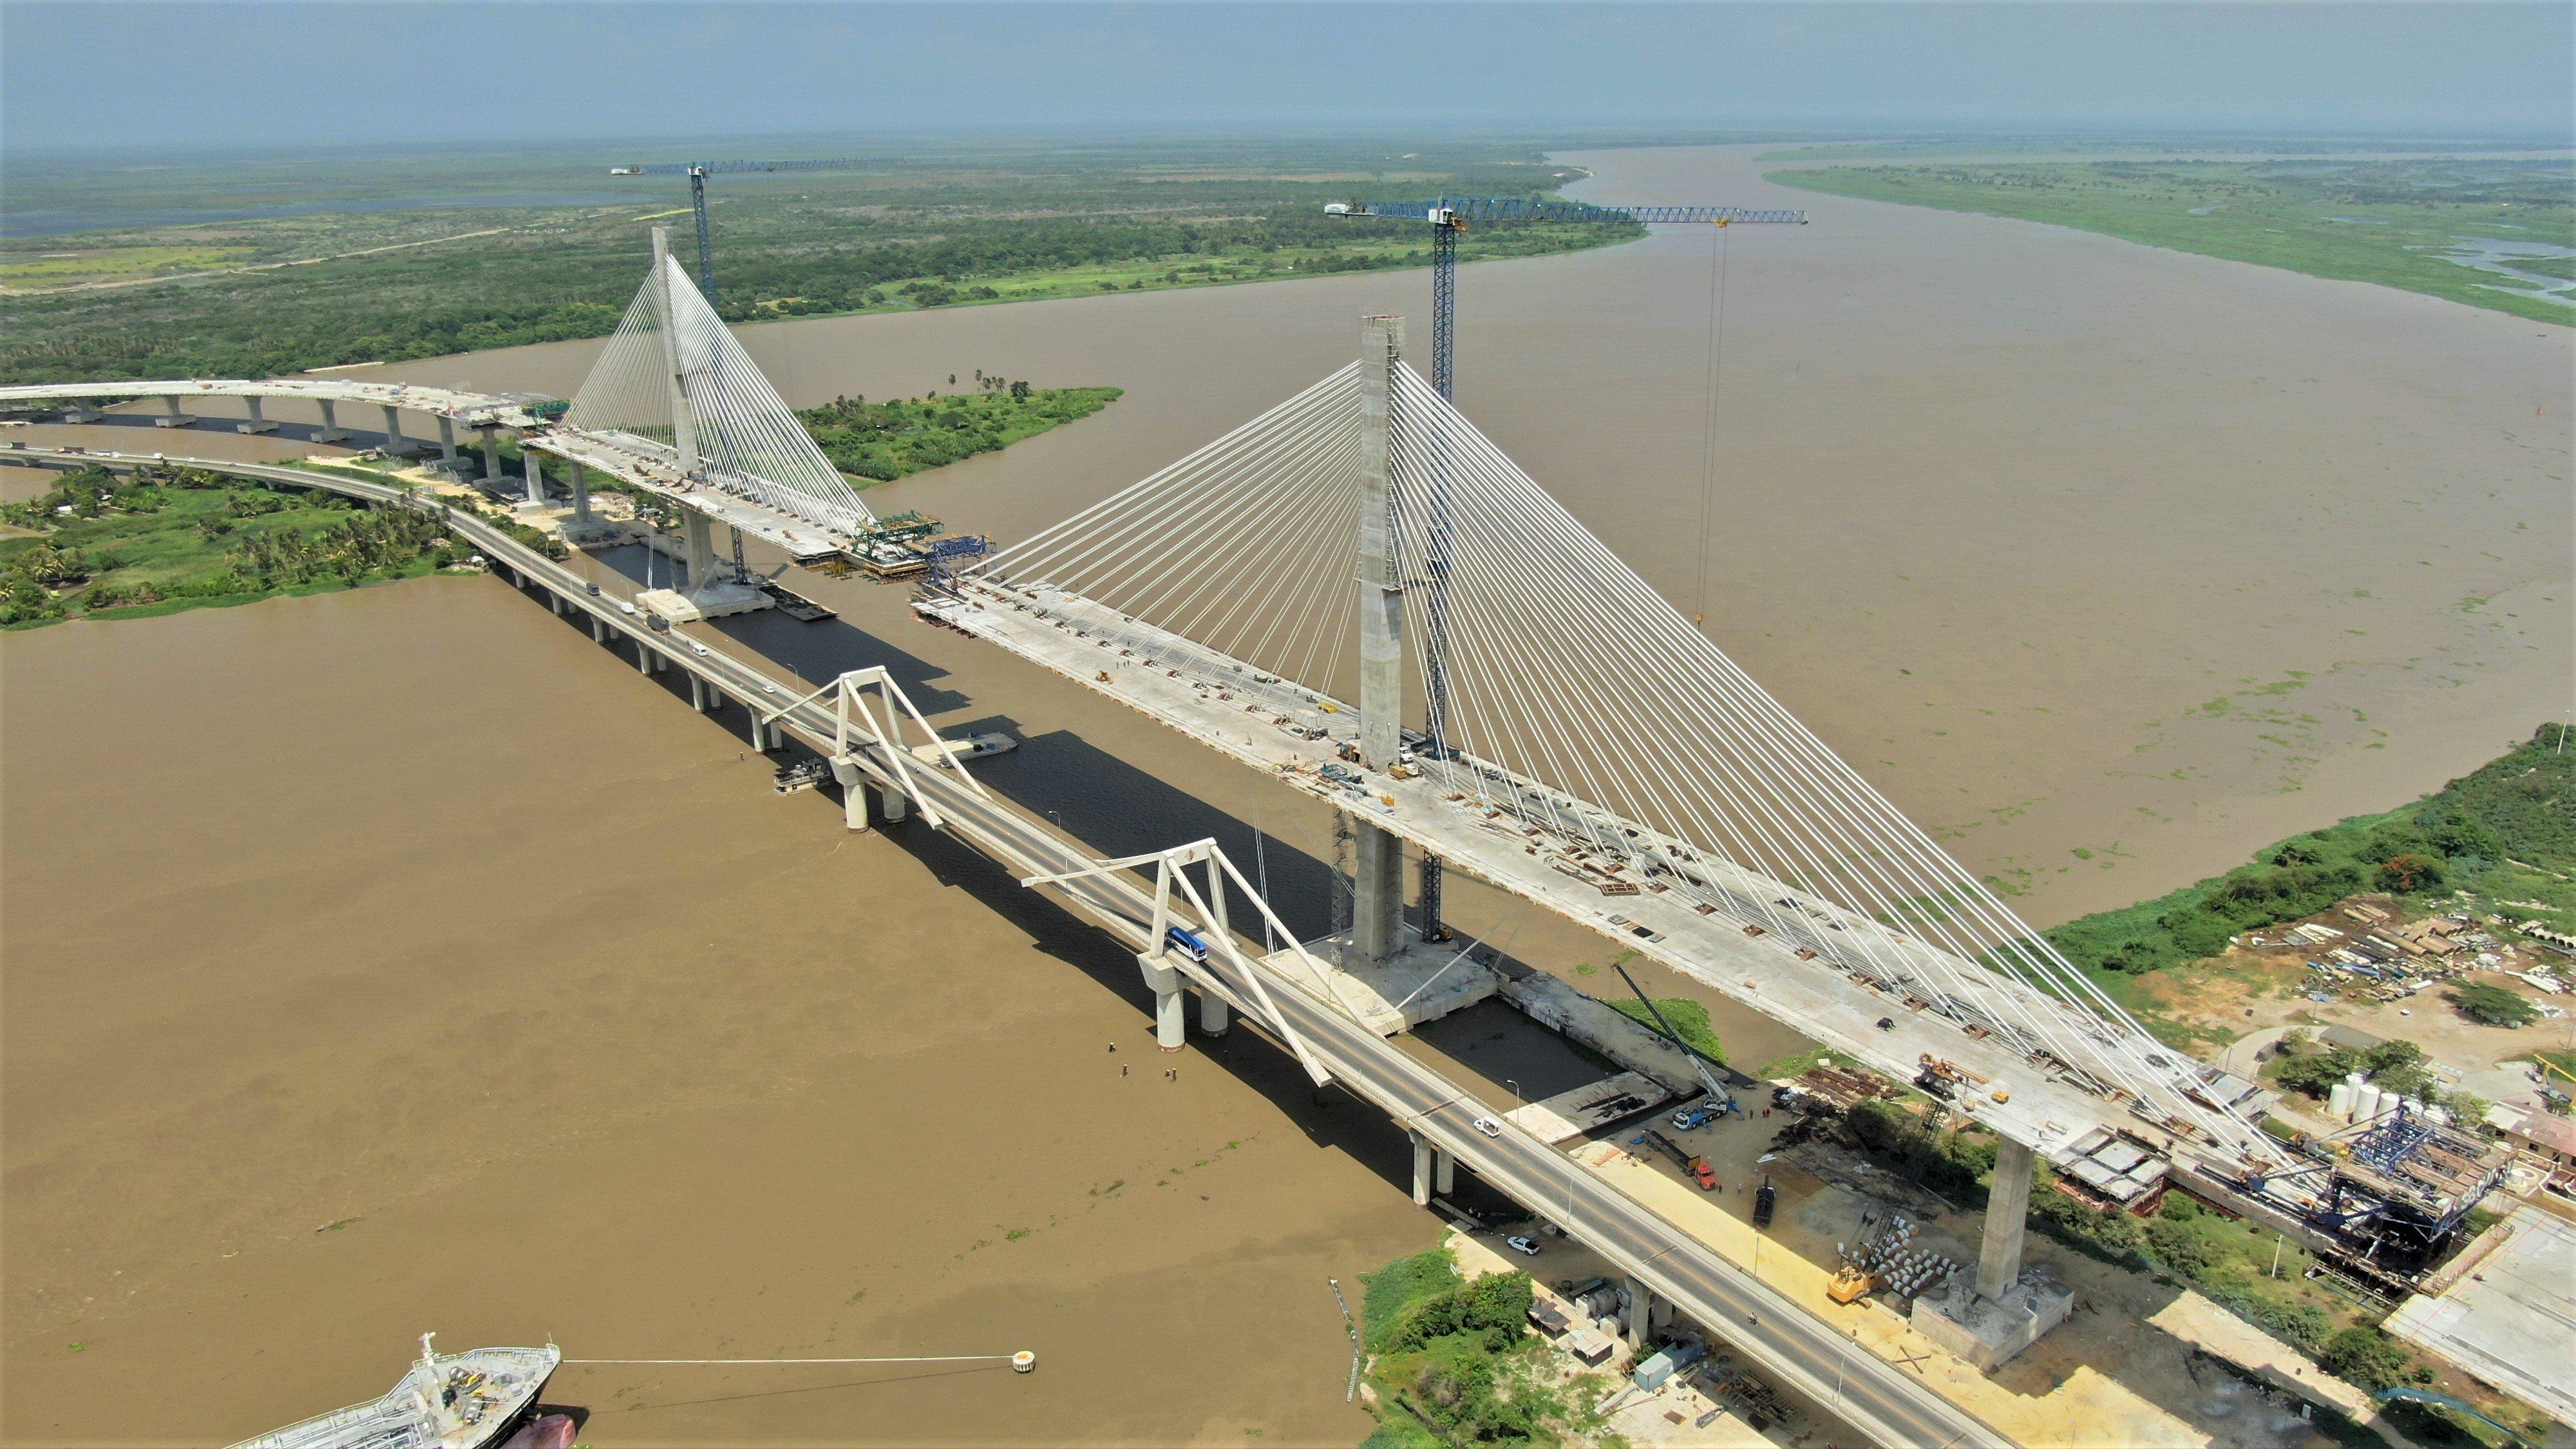 El Puente Pumarejo está construido sobre la desembocadura del río Magdalena, la principal arteria fluvial colombiana